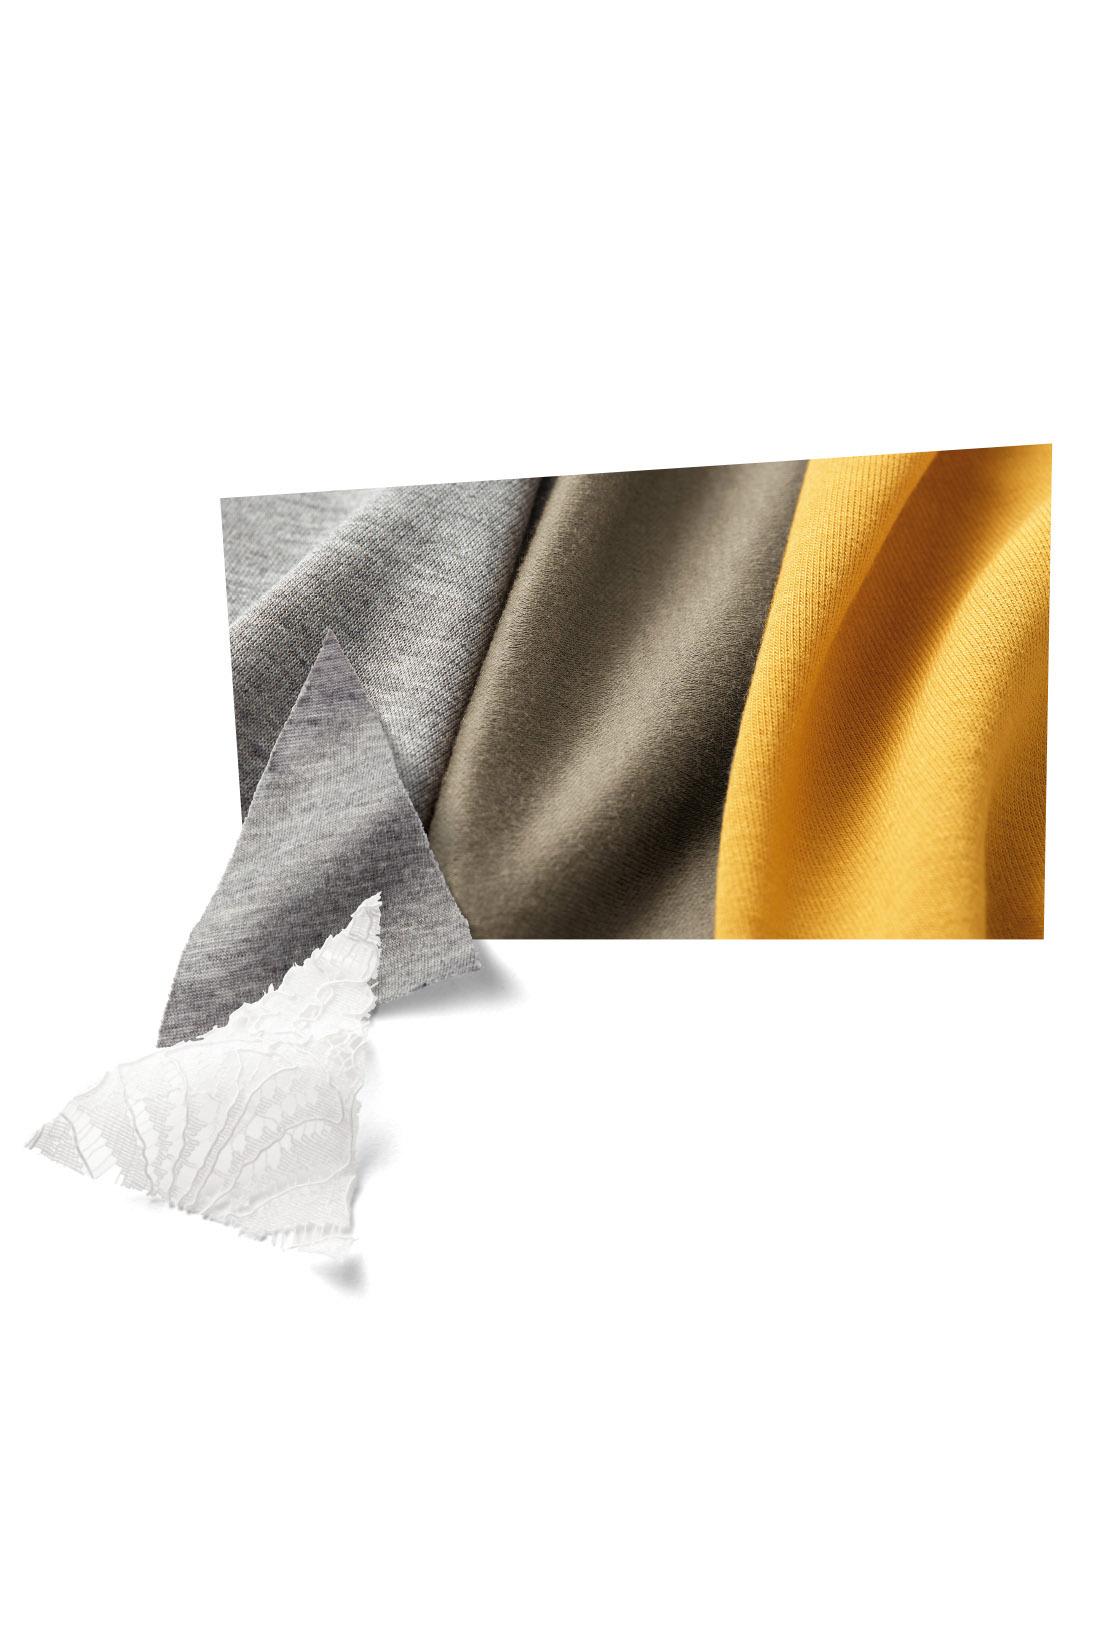 汗をかいてもすぐ乾く、吸汗速乾のカットソー素材。表面の毛羽を取りのぞき、シルクのような滑らかさを出すシルケット加工をほどこしました。艶っぽい表面感と綿素材ならではの肌心地のよさを両立。 ※お届けするカラーとは異なります。